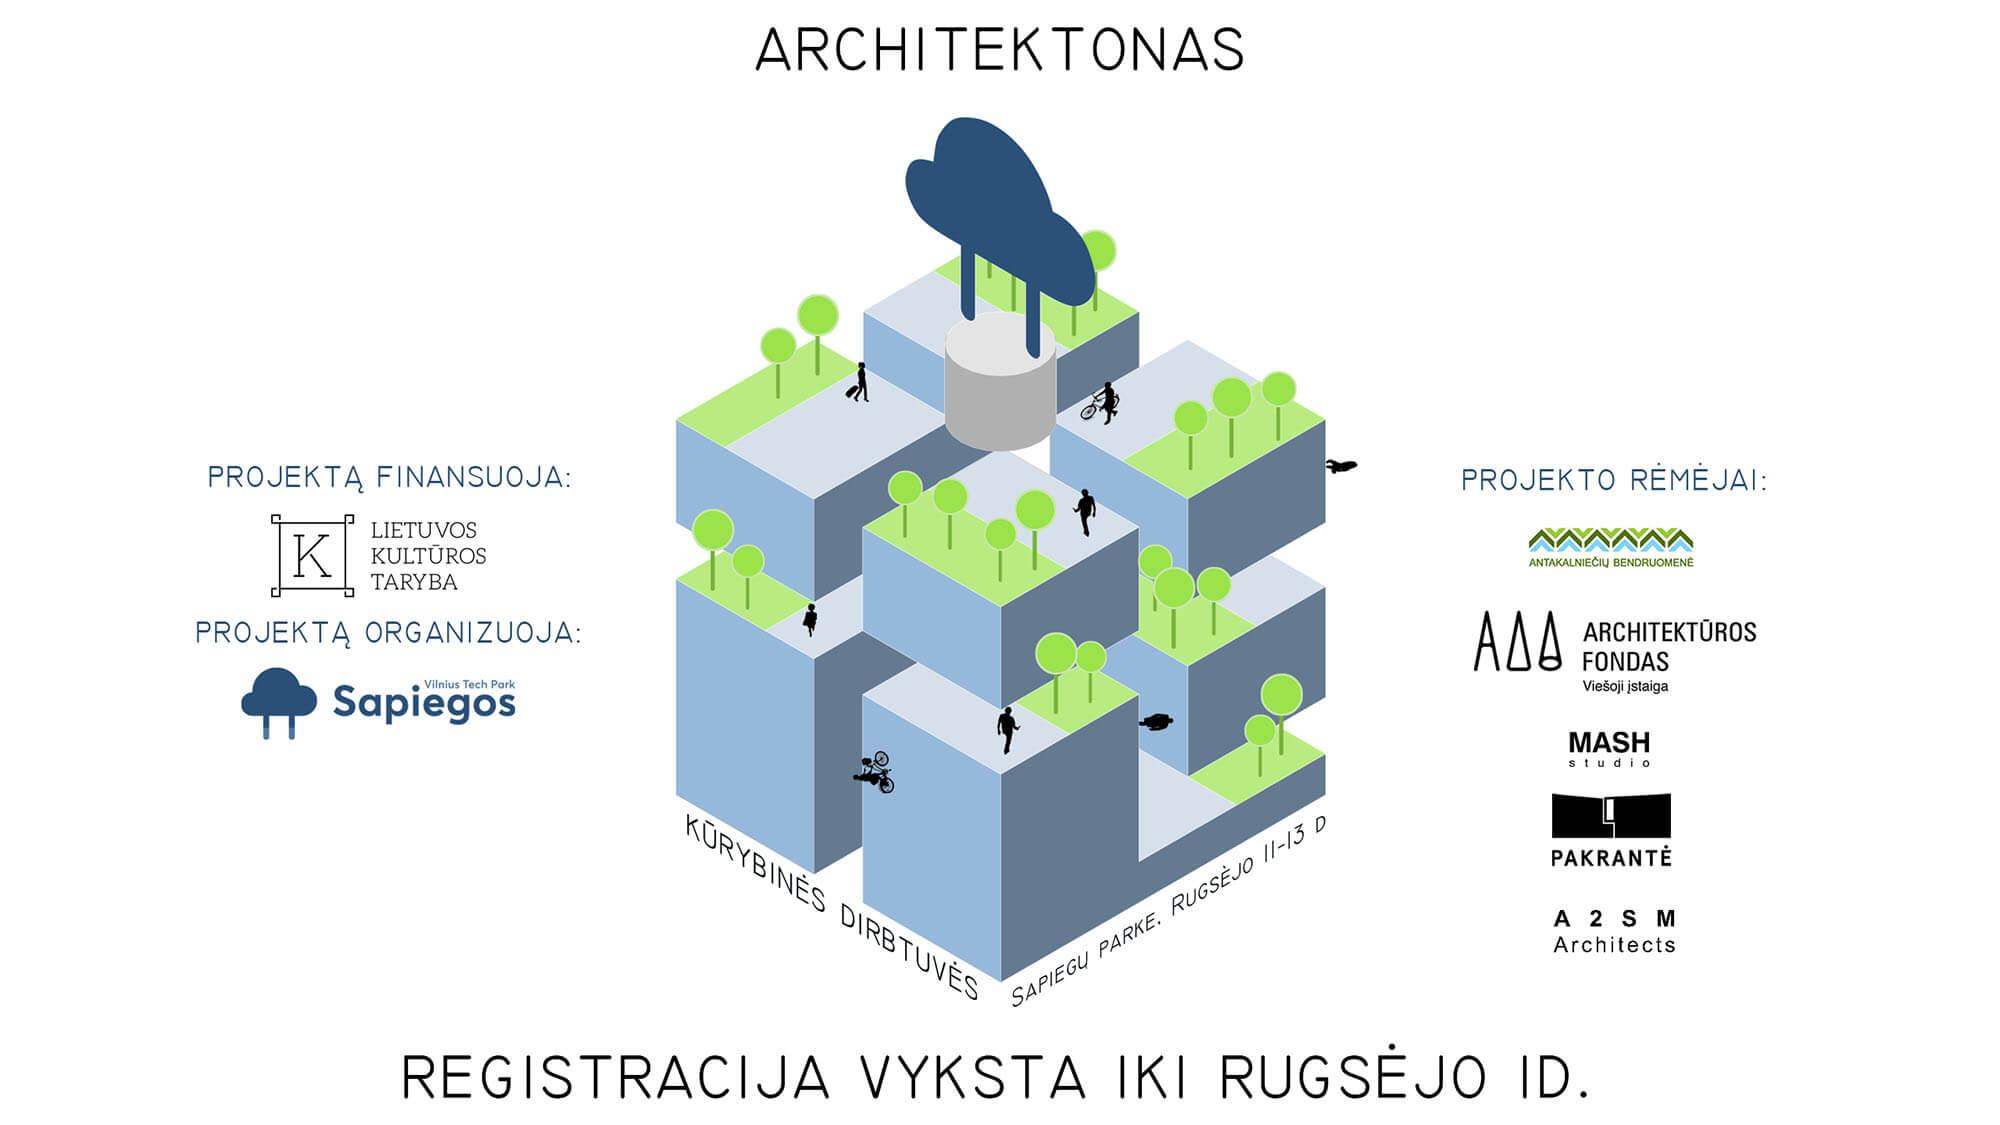 """Džiaugiamės kad prie Dizaino savaitė'20 prisijungė pirmasis Lietuvoje """"Architektonas"""""""